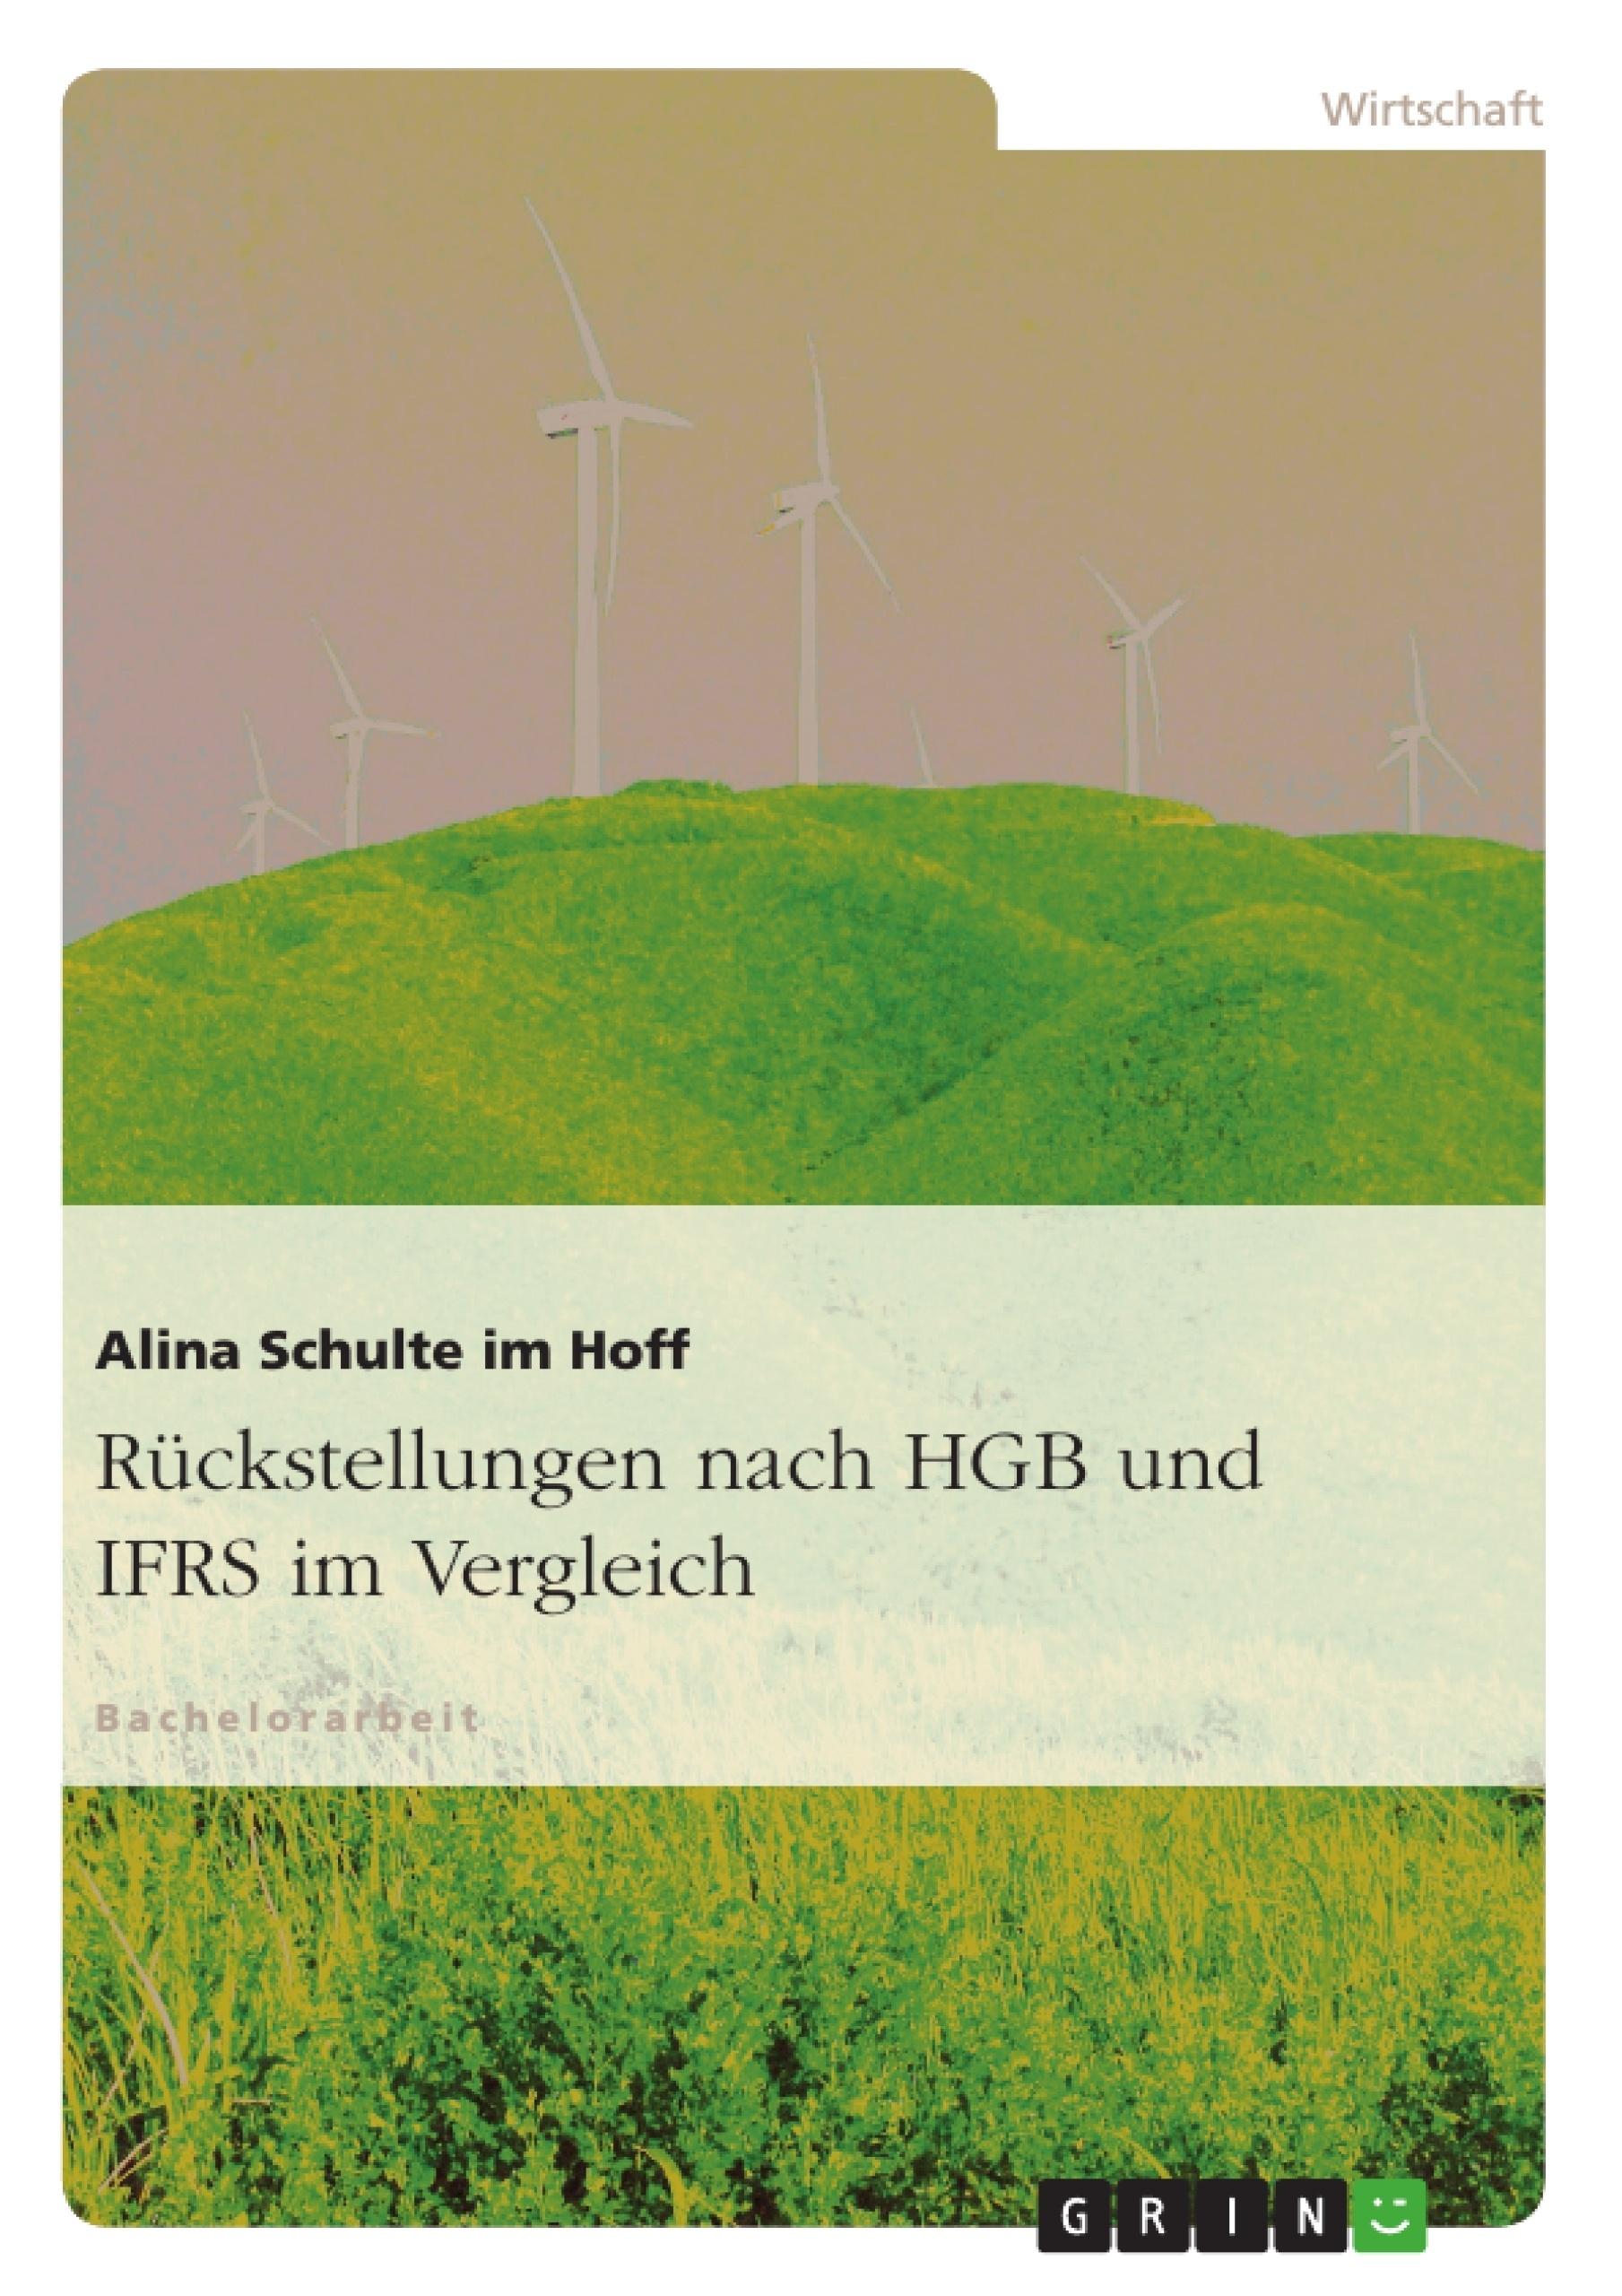 Rückstellungen nach HGB und IFRS im Vergleich | Masterarbeit ...